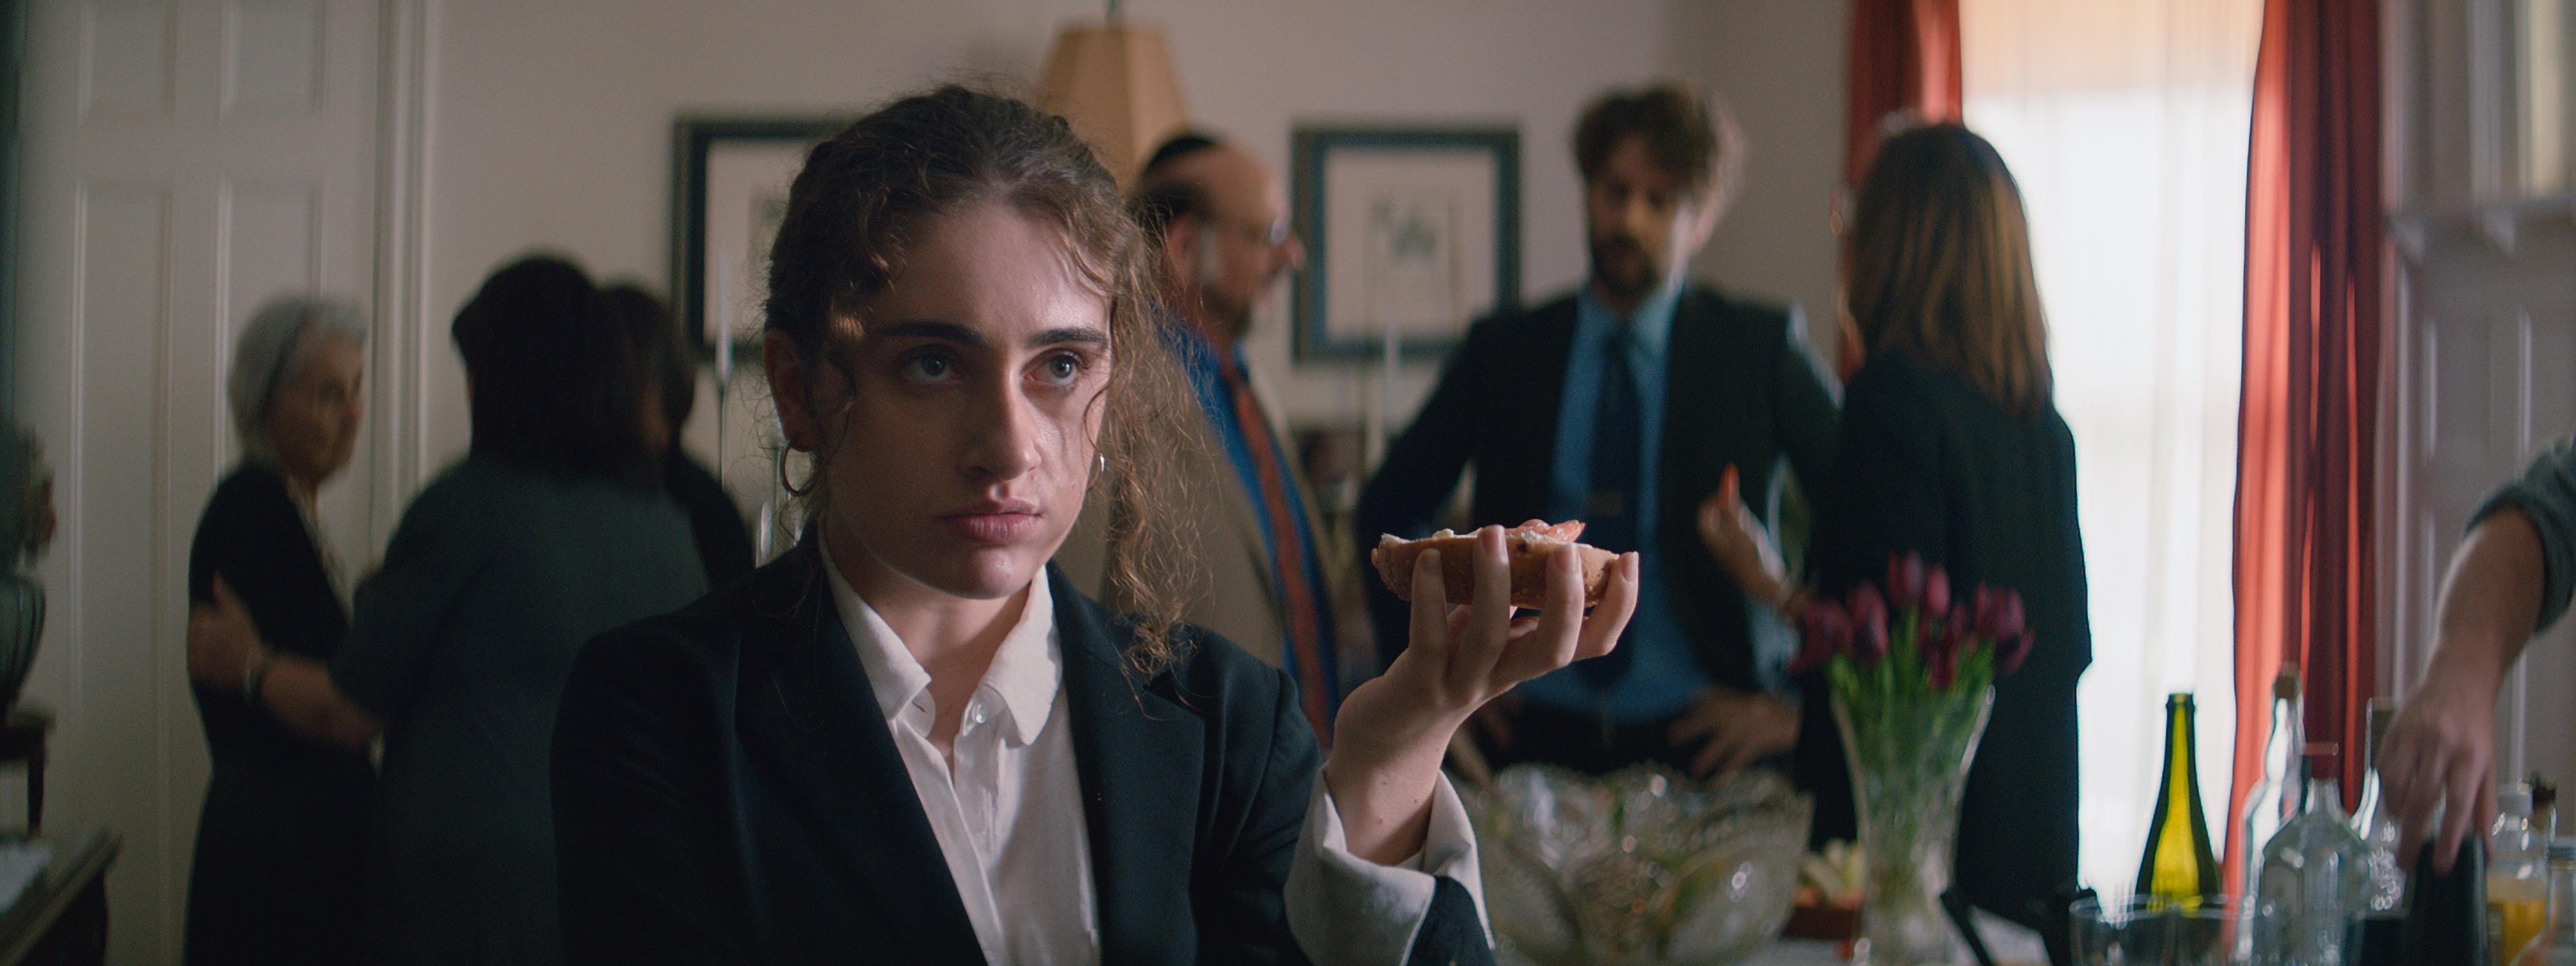 Rachel Sennott eats a bagel and lox in 'Shiva Baby'